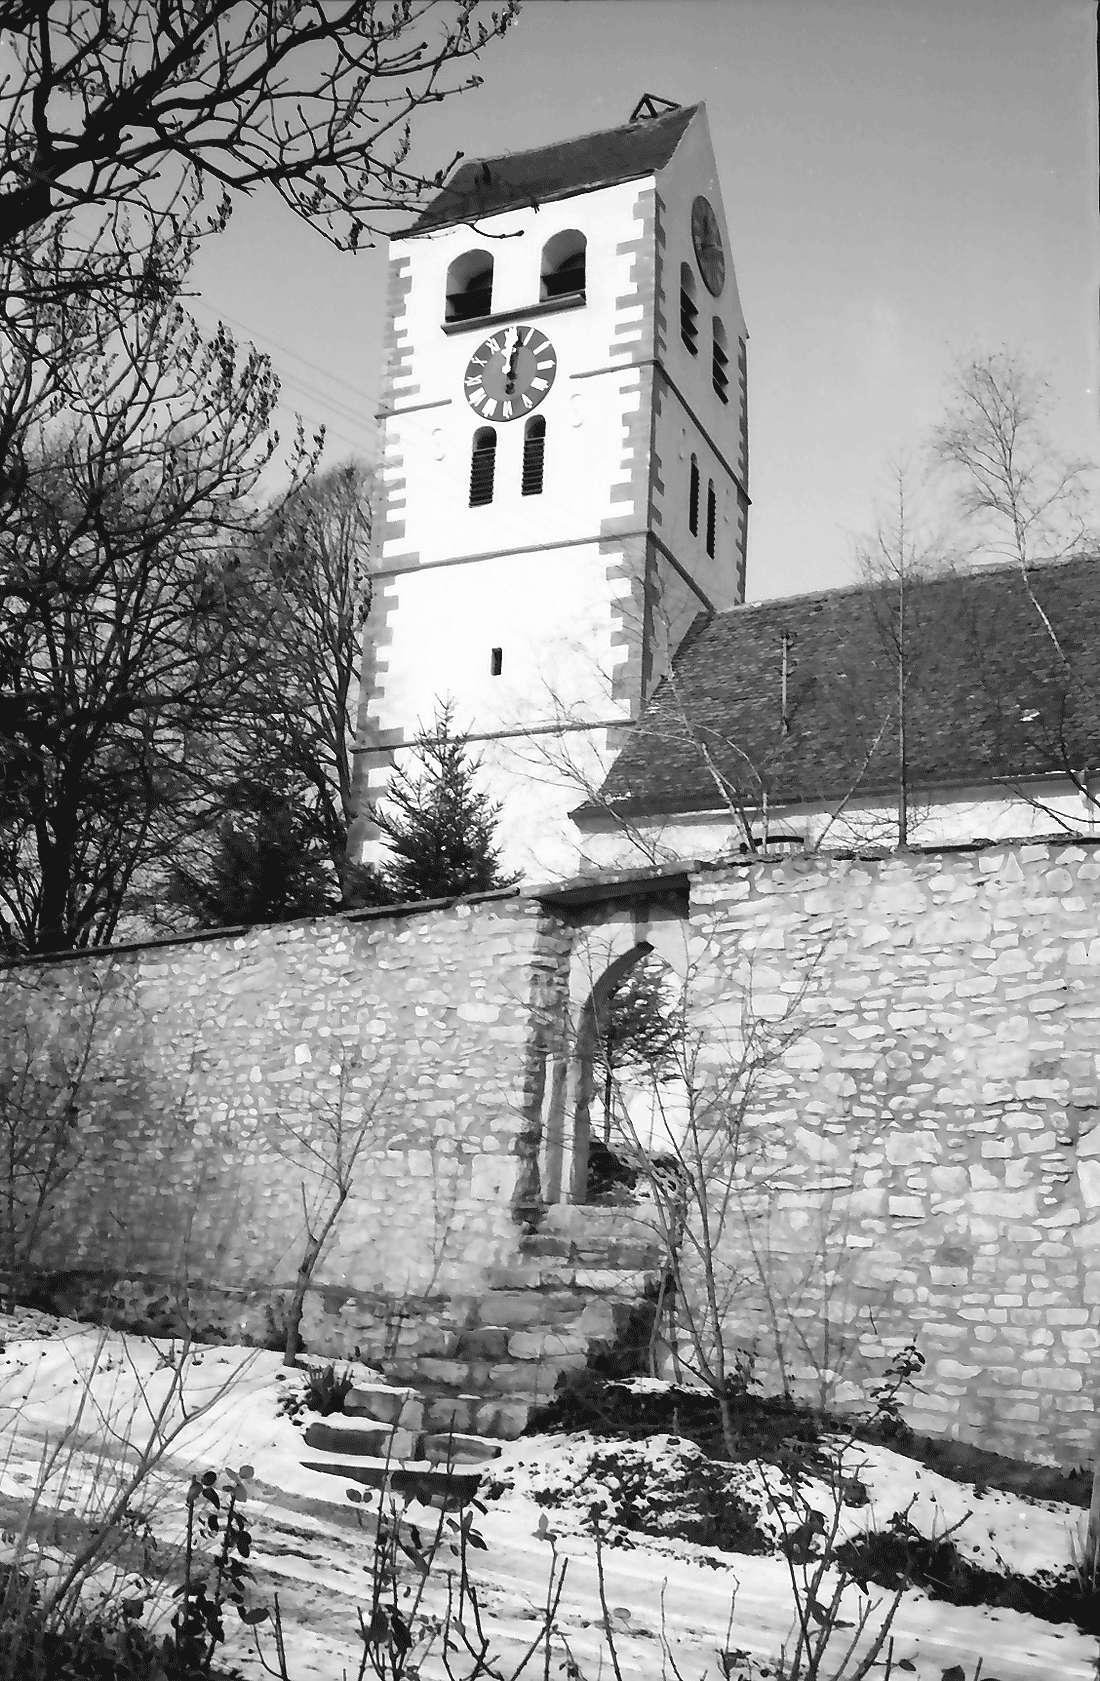 Betberg: Evangelische Kirche nach der Renovierung; Turm mit Befestigungsmauer, Bild 1